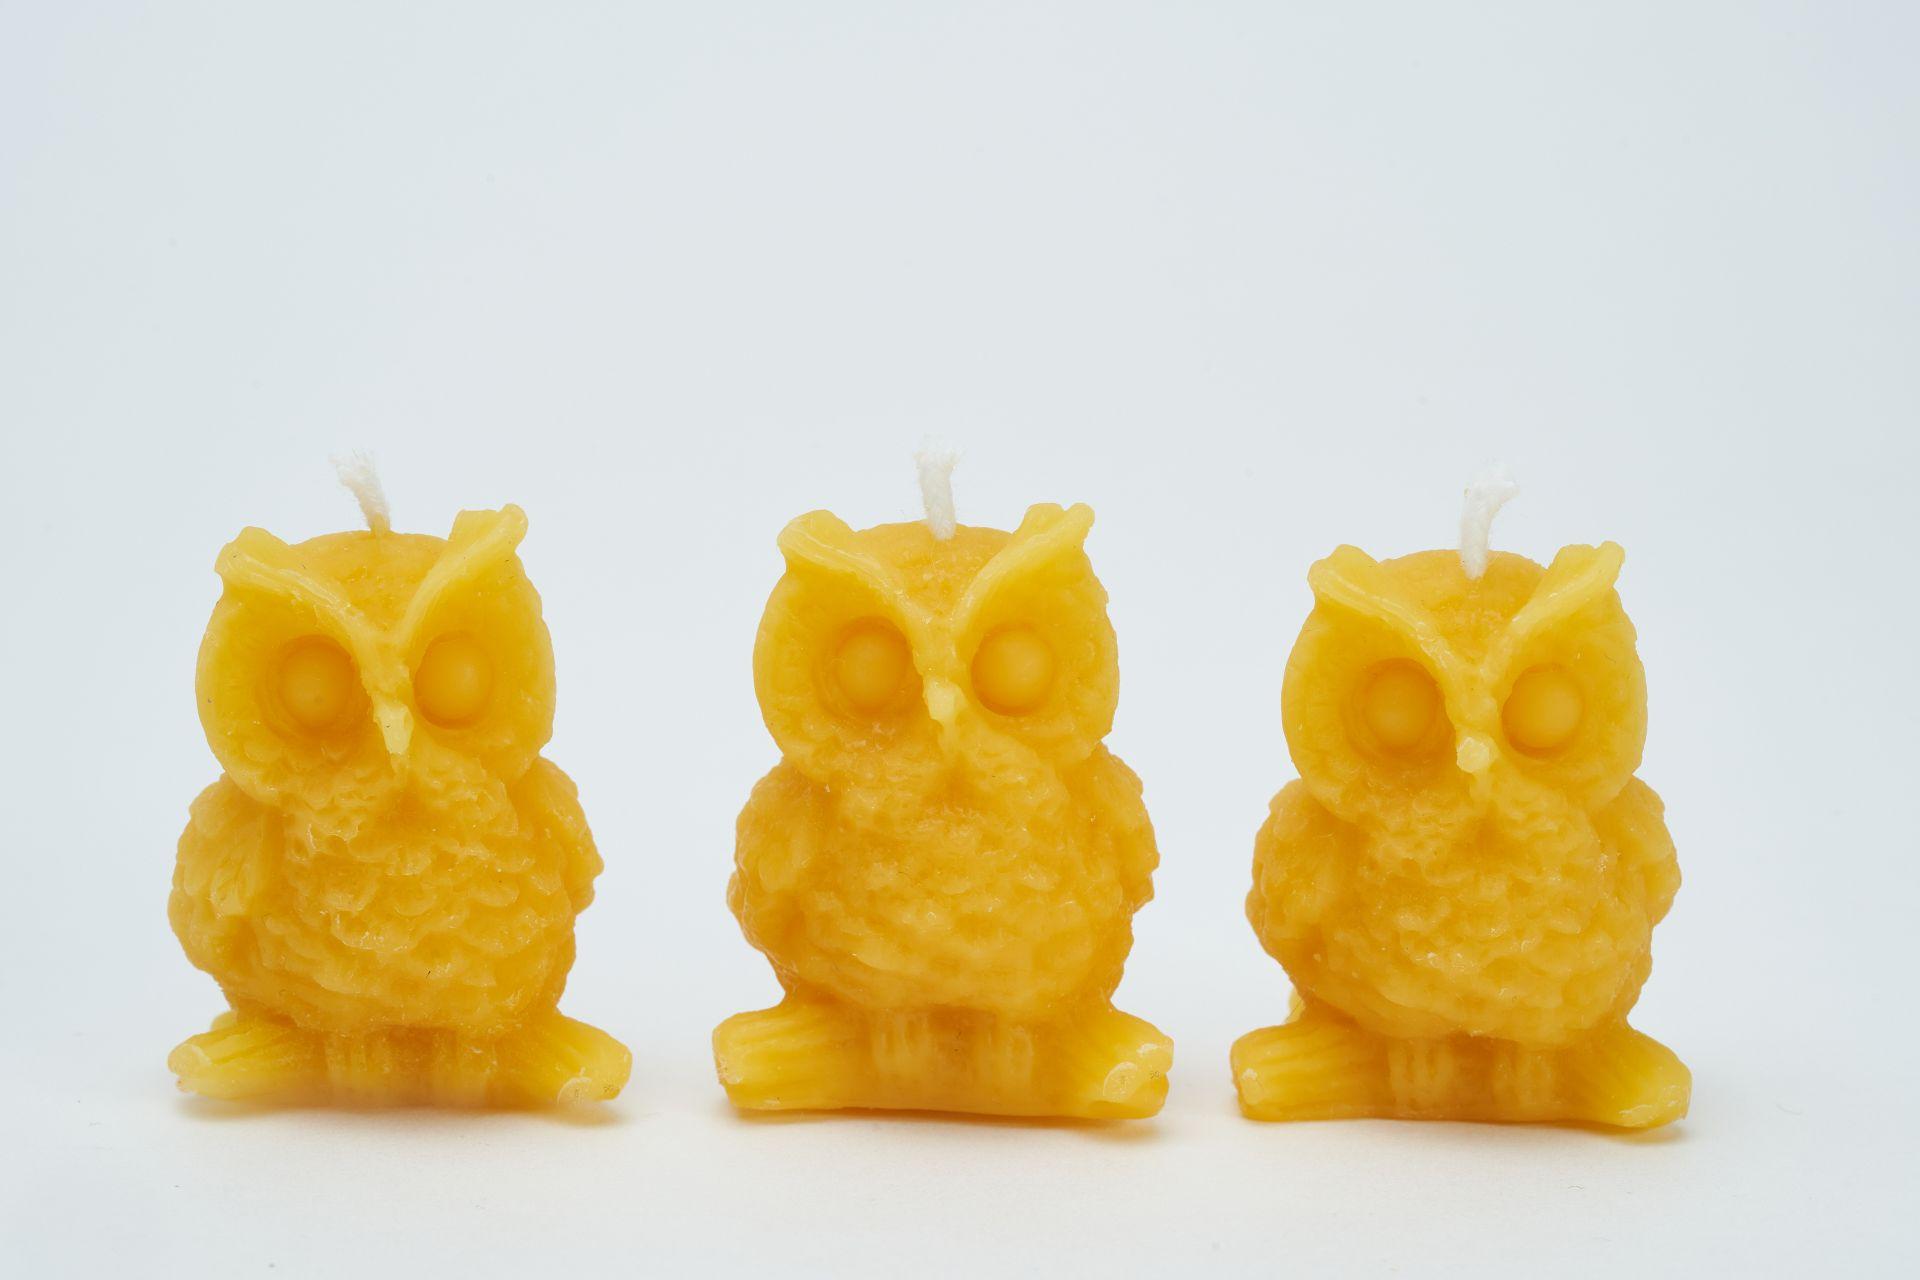 3x Kerze Motiv Eule auf dem Ast (Höhe ca. 4cm) aus 100% Bienenwachs vom Imker